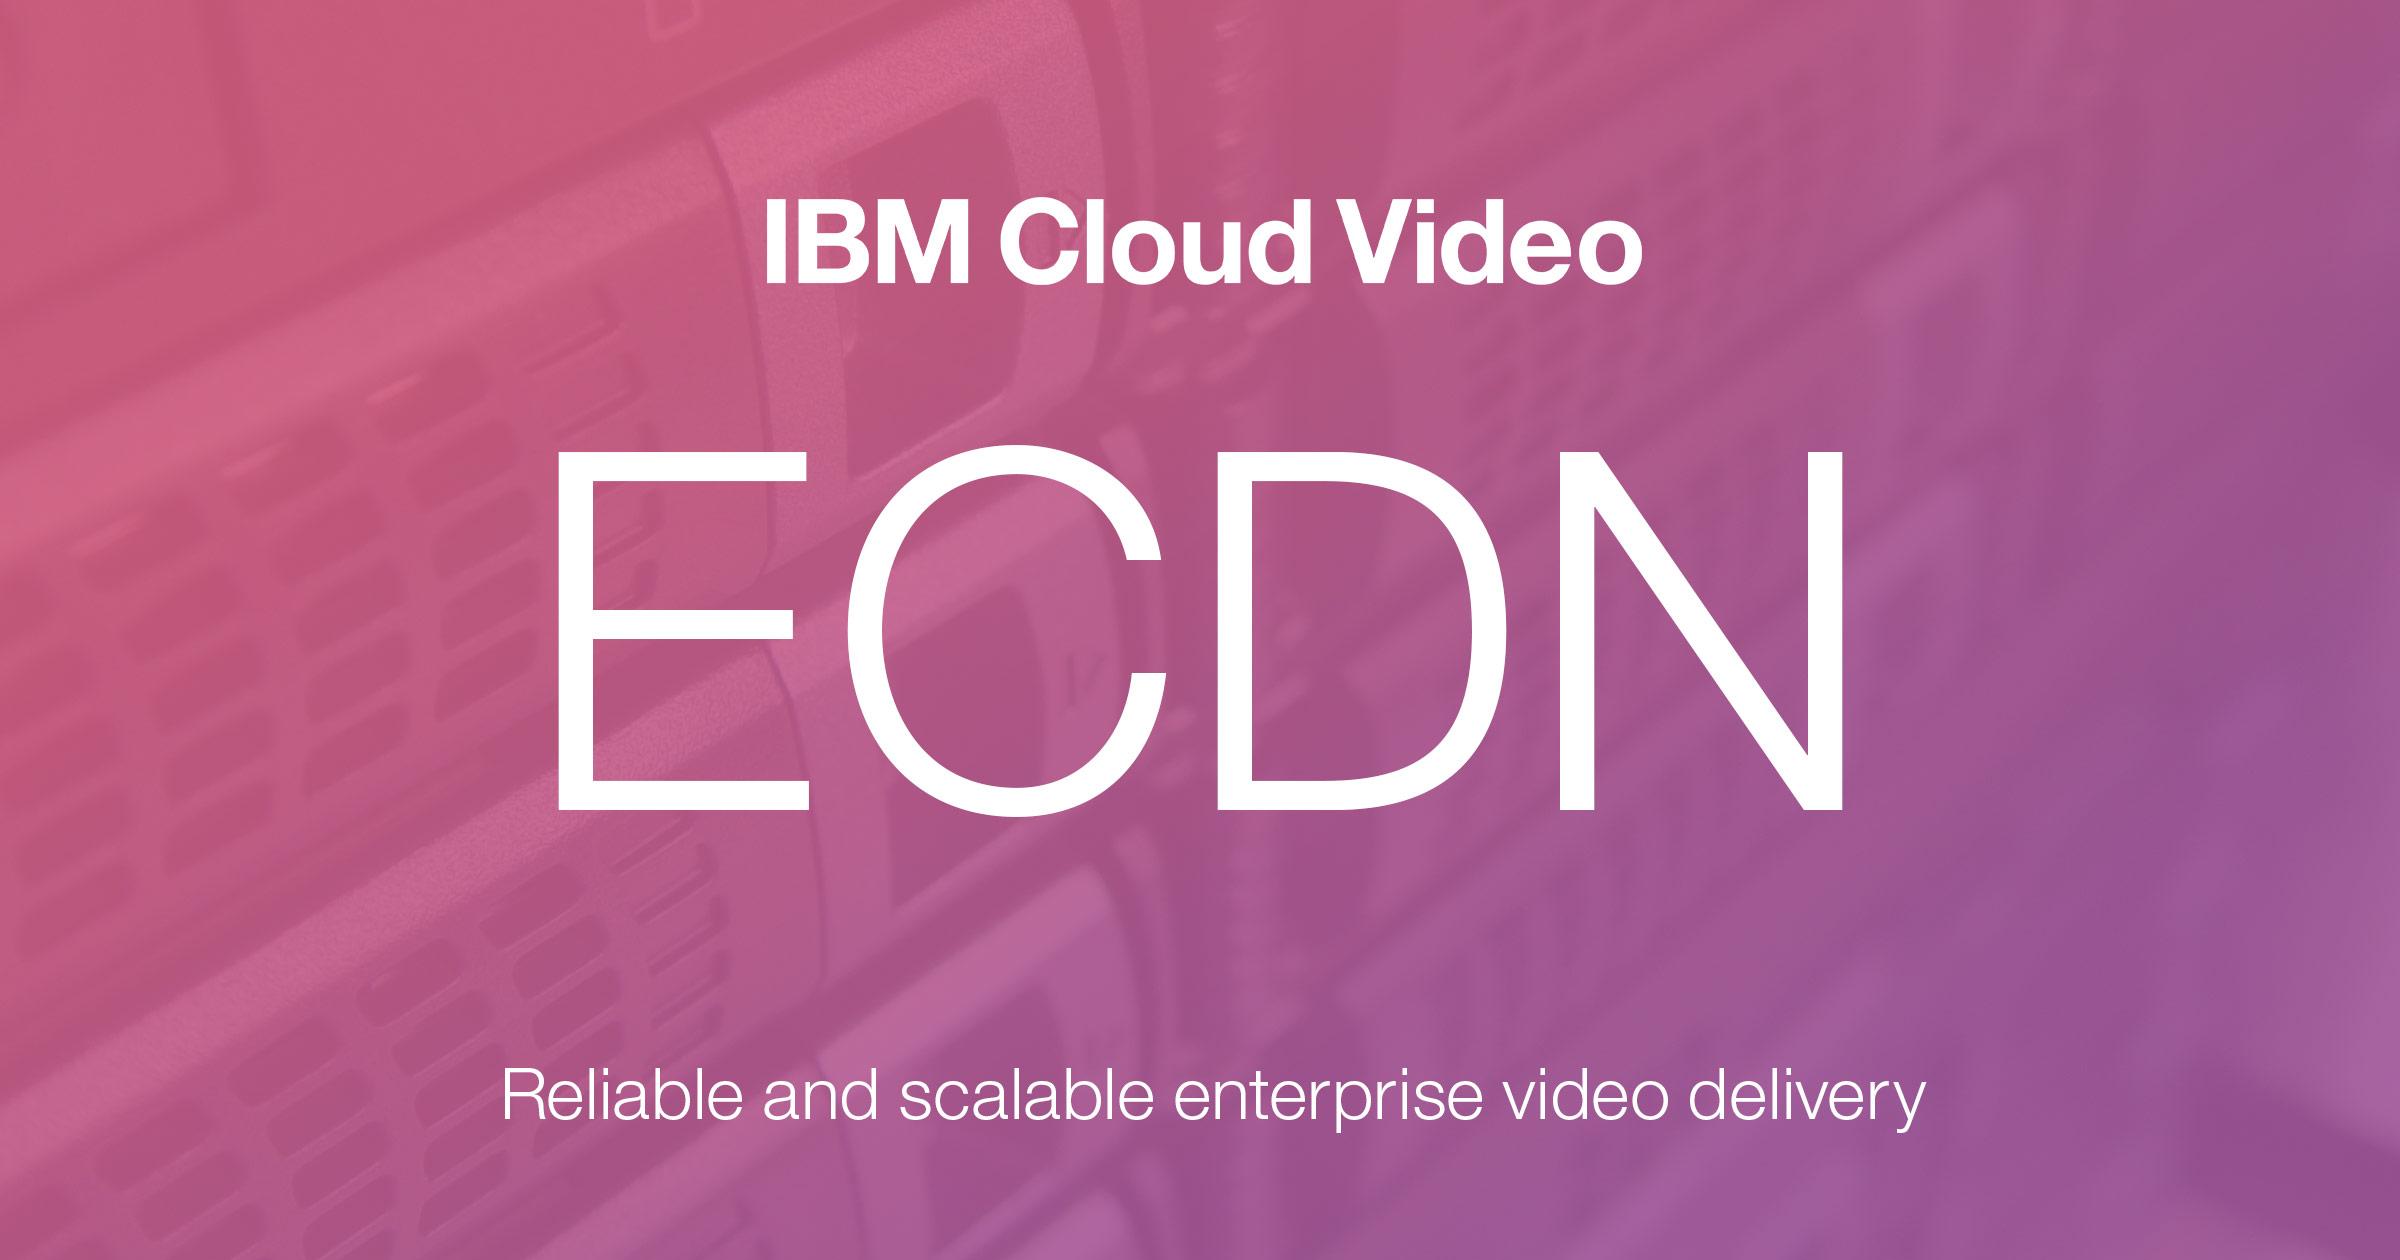 IBM Cloud Video ECDN: Enterprise Content Delivery Network